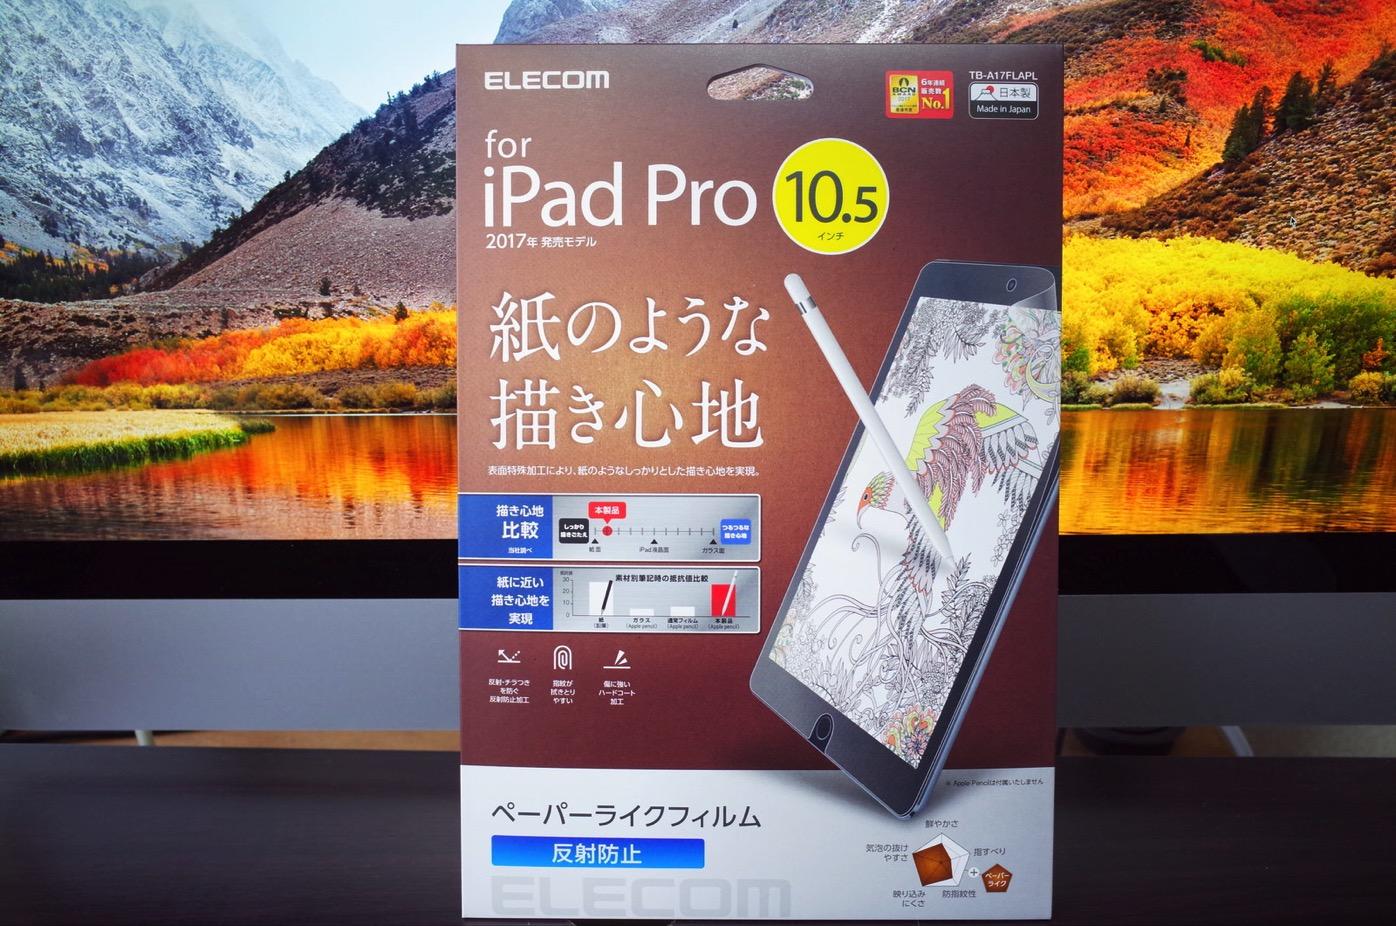 エレコム iPad フィルム iPad Pro 10.5 2017年モデル ペーパーライク 反射防止 TB-A17FLAPL-2